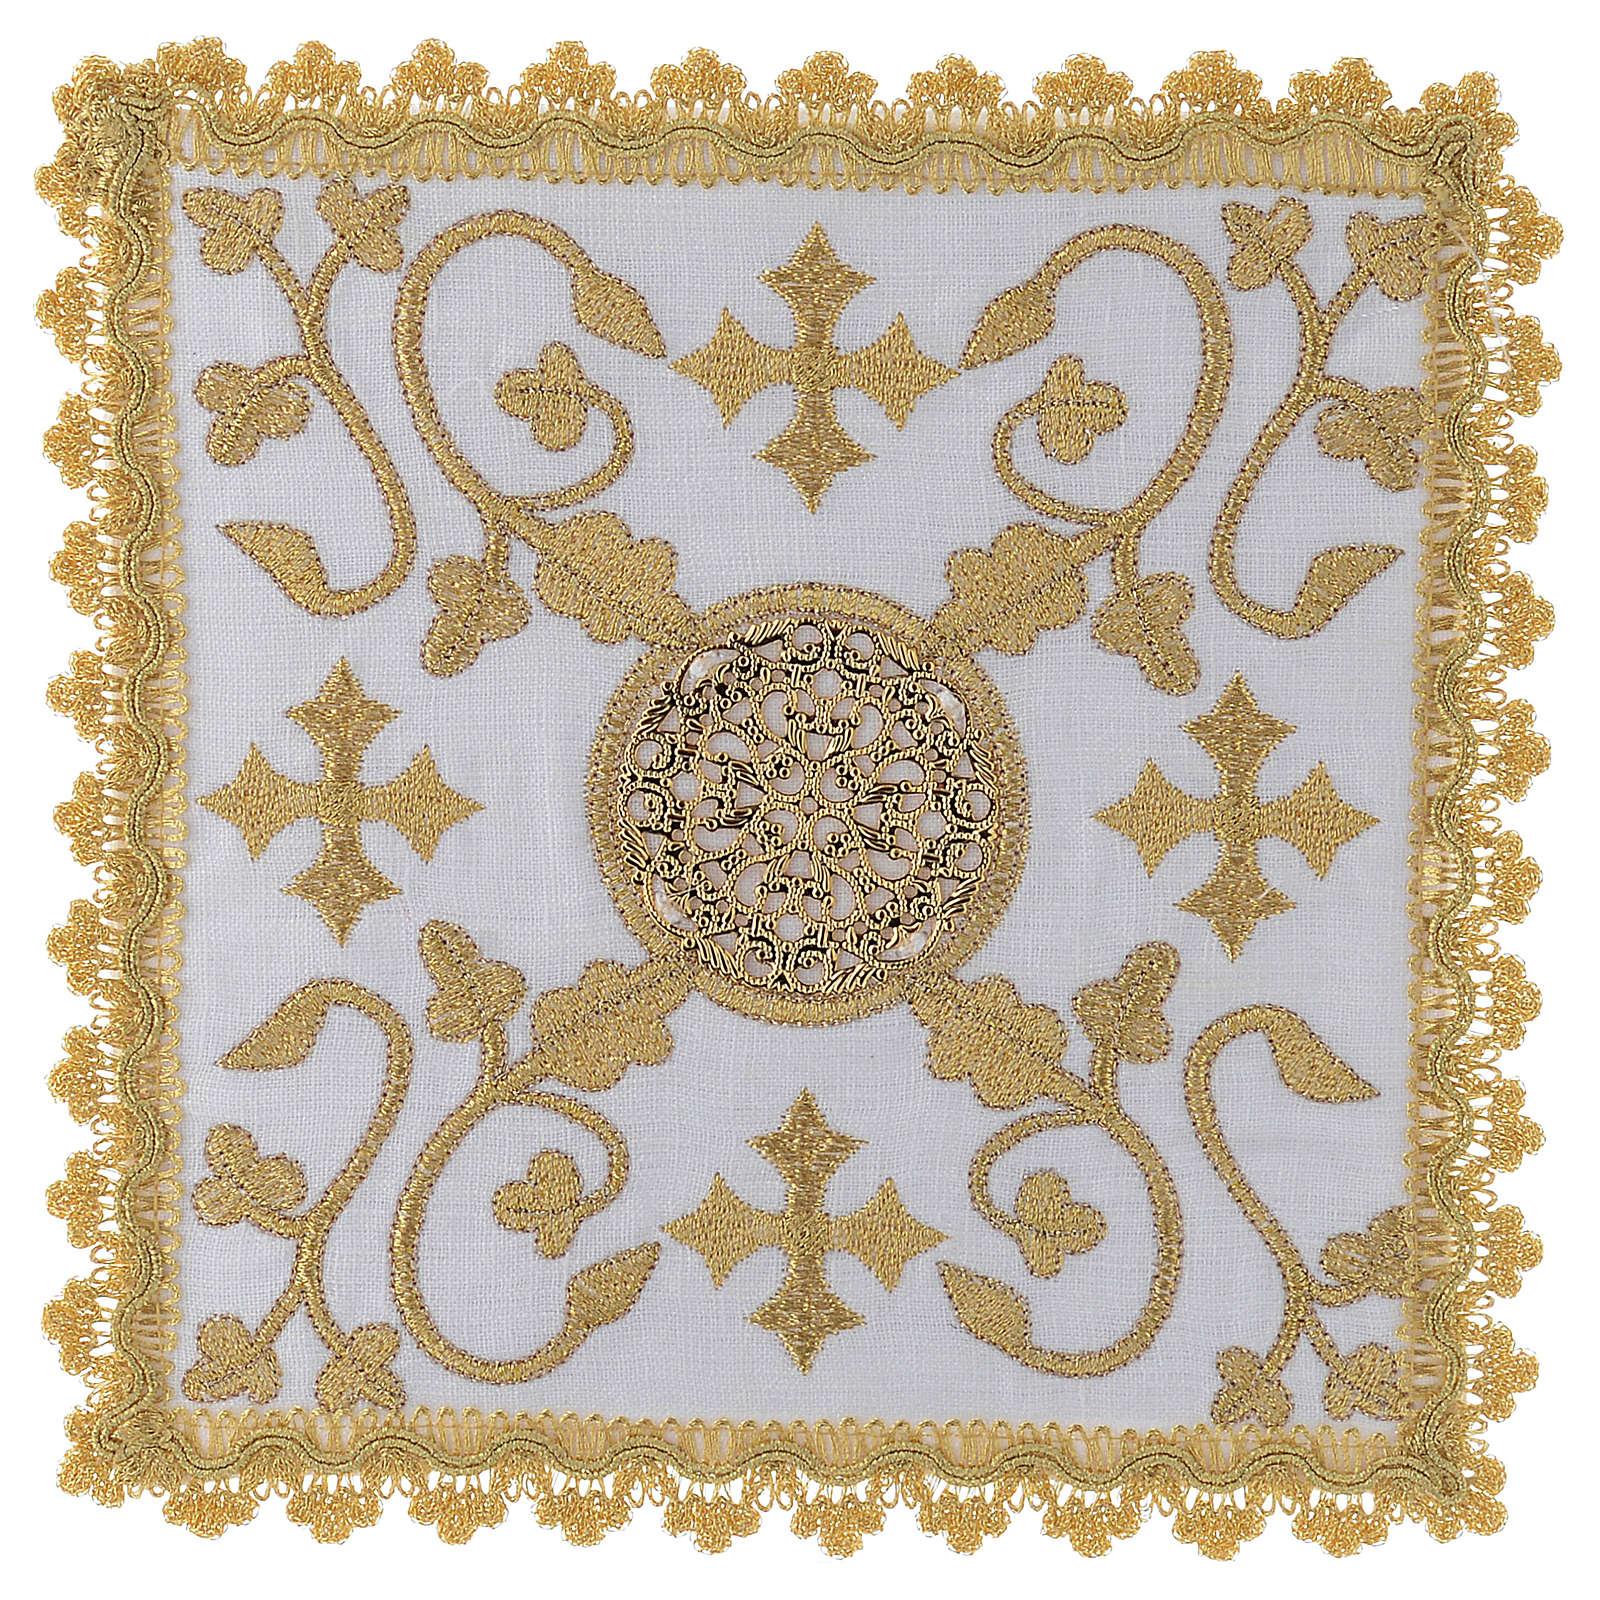 Servicio de hilo para altar de oro 4